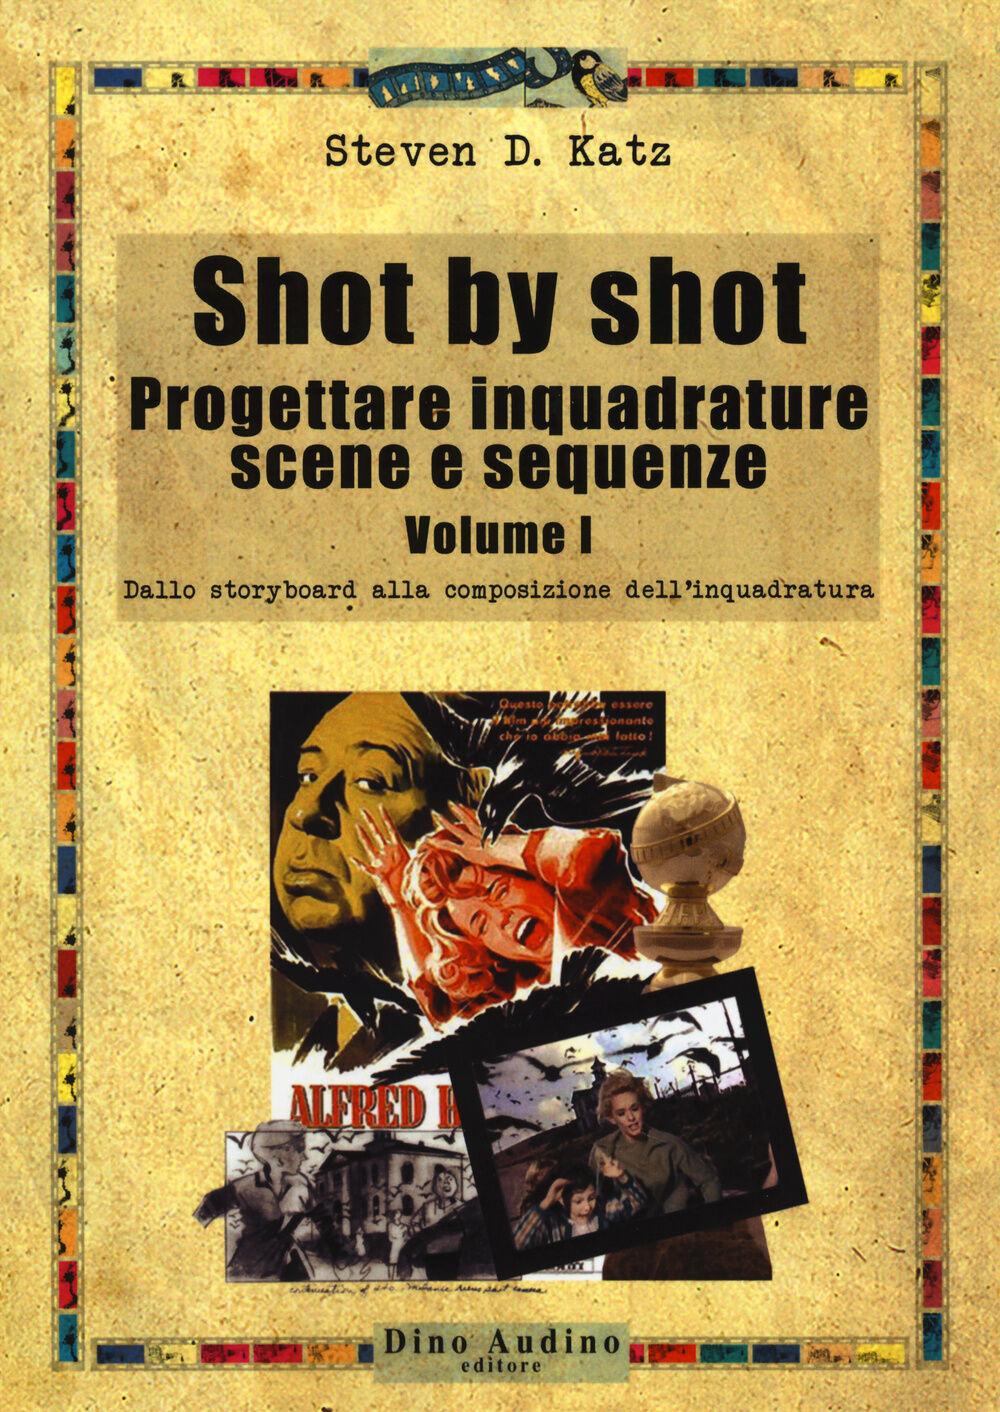 Shot by shot. Progettare inquadrature, scene e sequenze. Vol. 1: Dallo storyboard alla composizione dell'inquadratura.